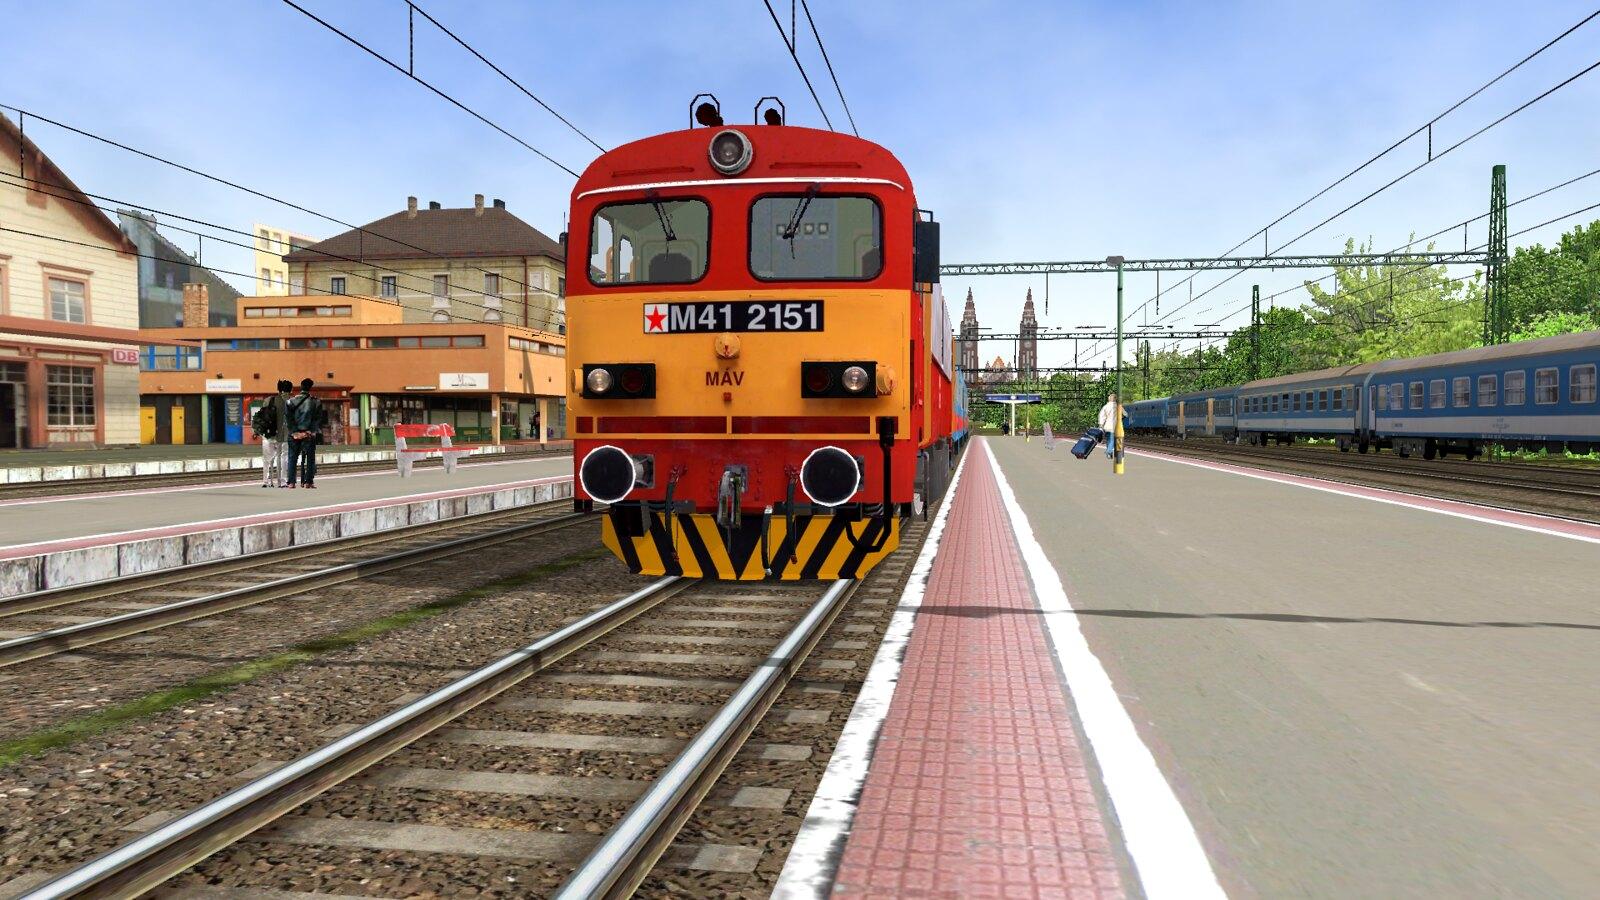 Százzal vezettük a vonatot Hódmezővásárhelyre, hogy összerakjuk az új menetrendet